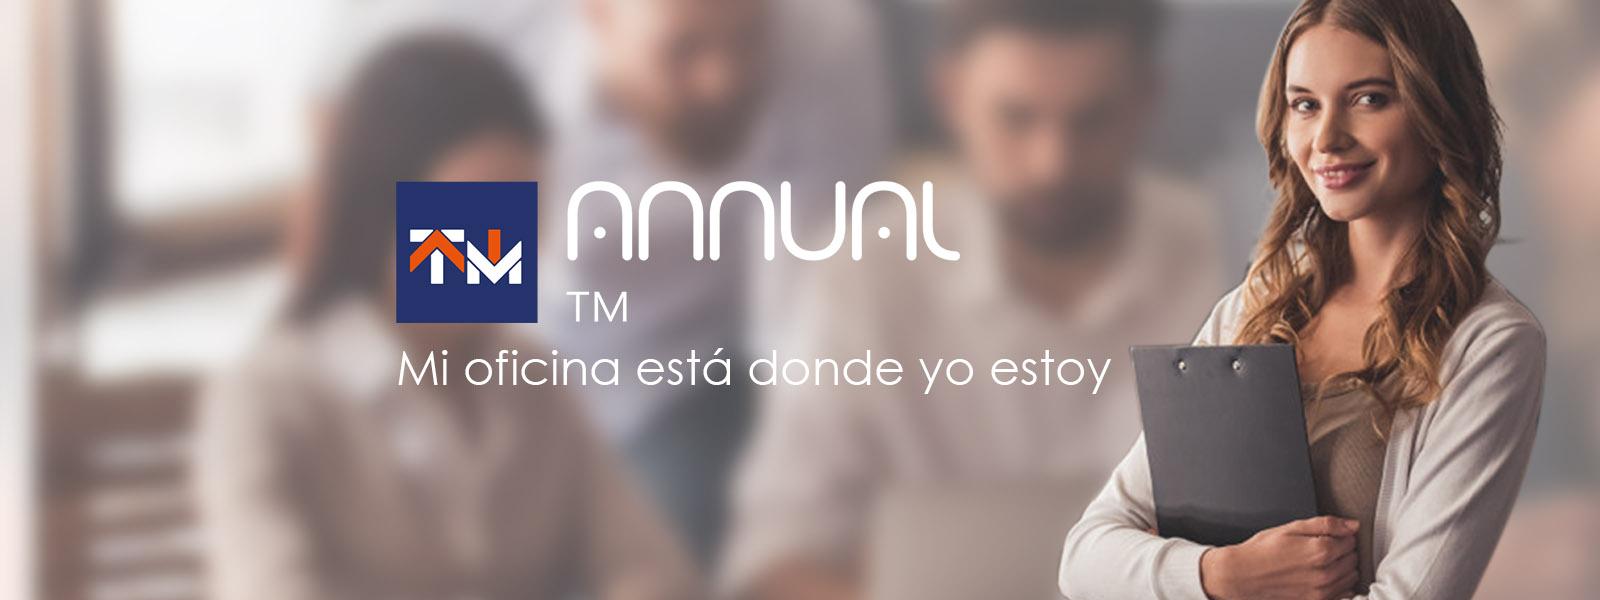 Annual TM